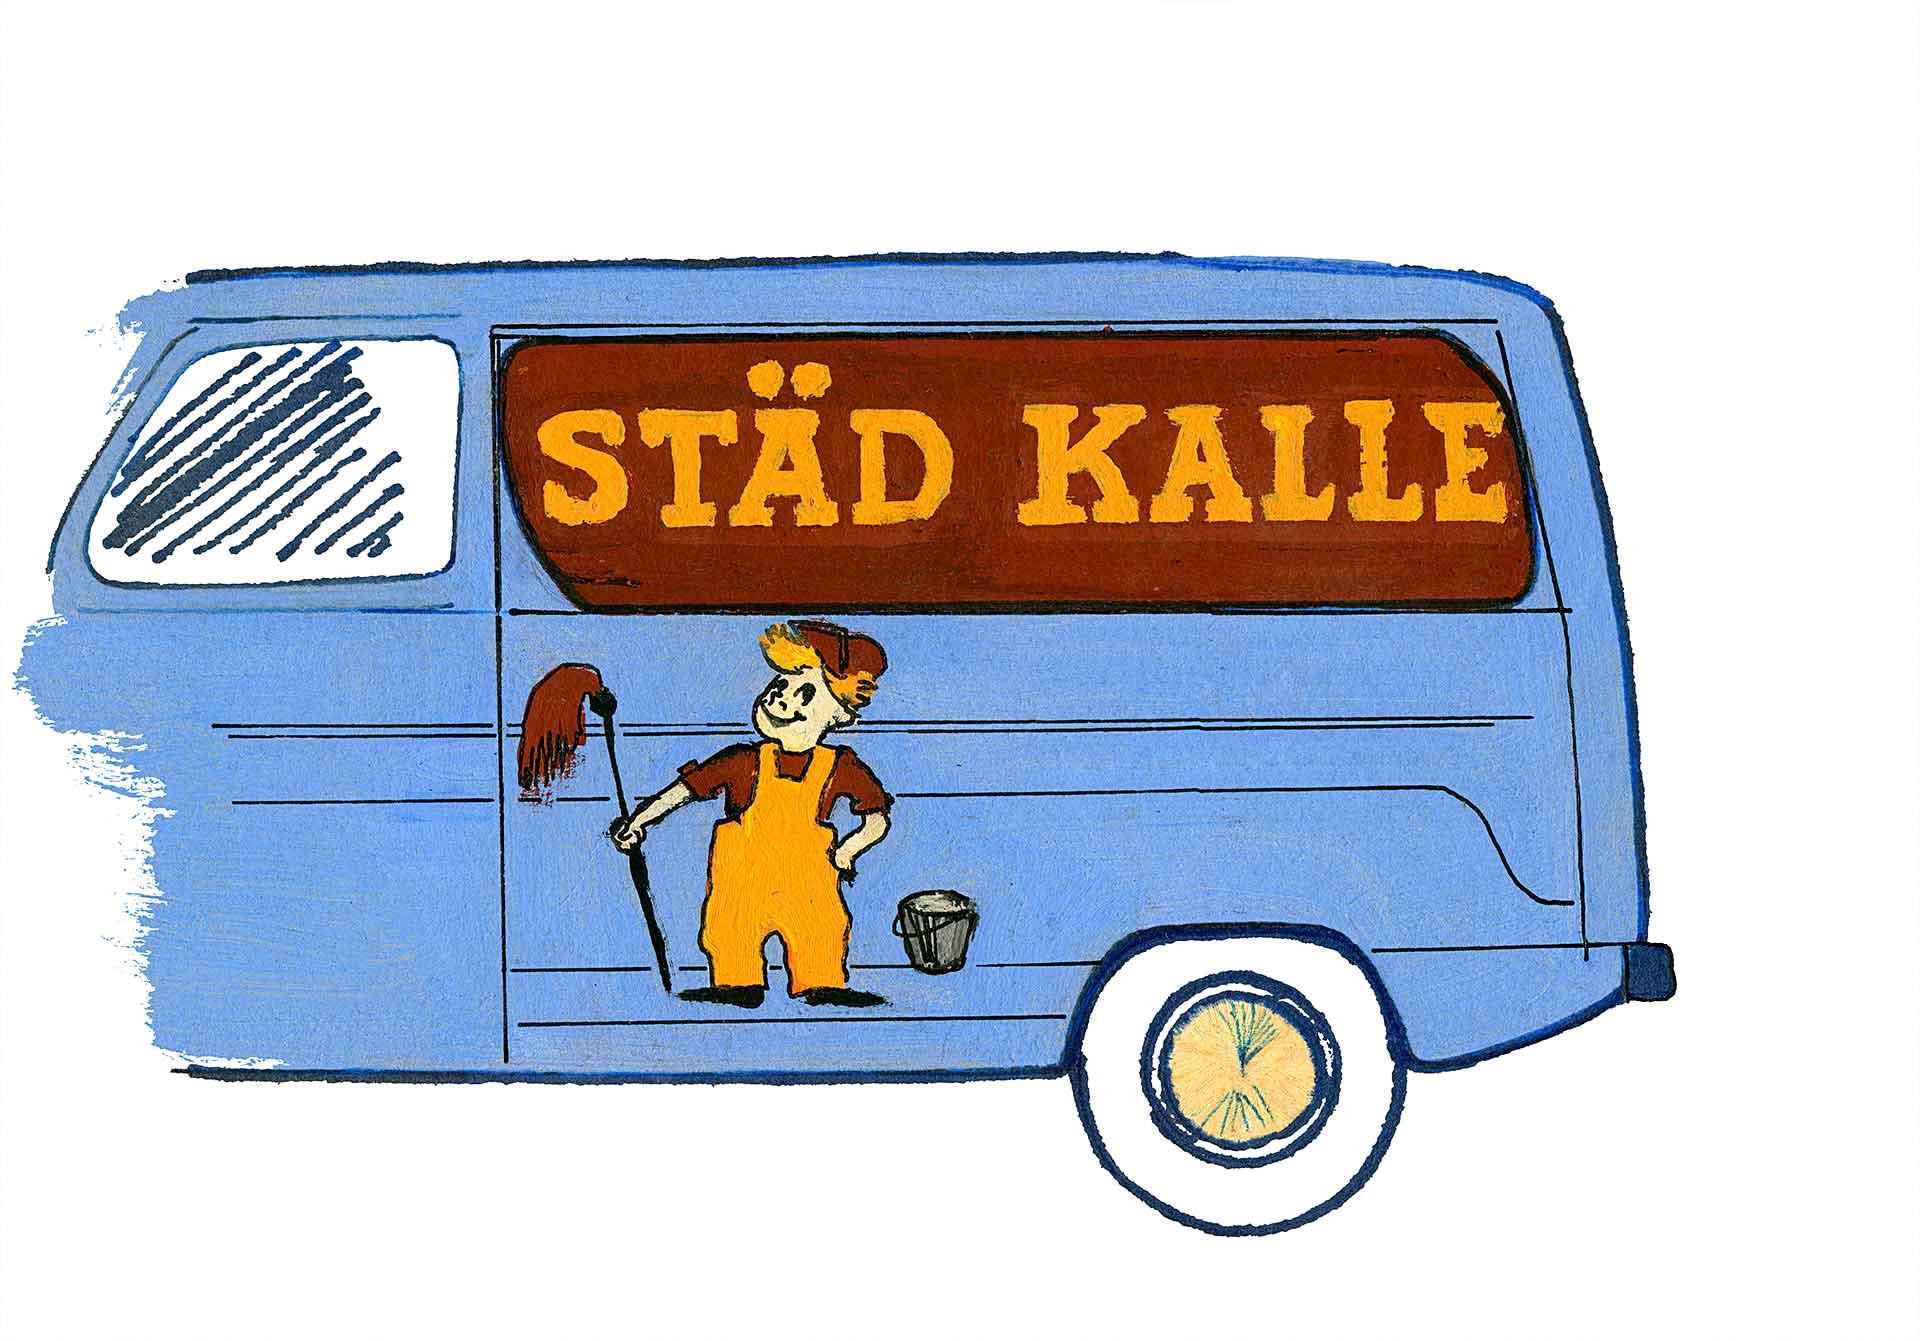 Restaurierung von Zeichnung | Clean Kalle, Finnland